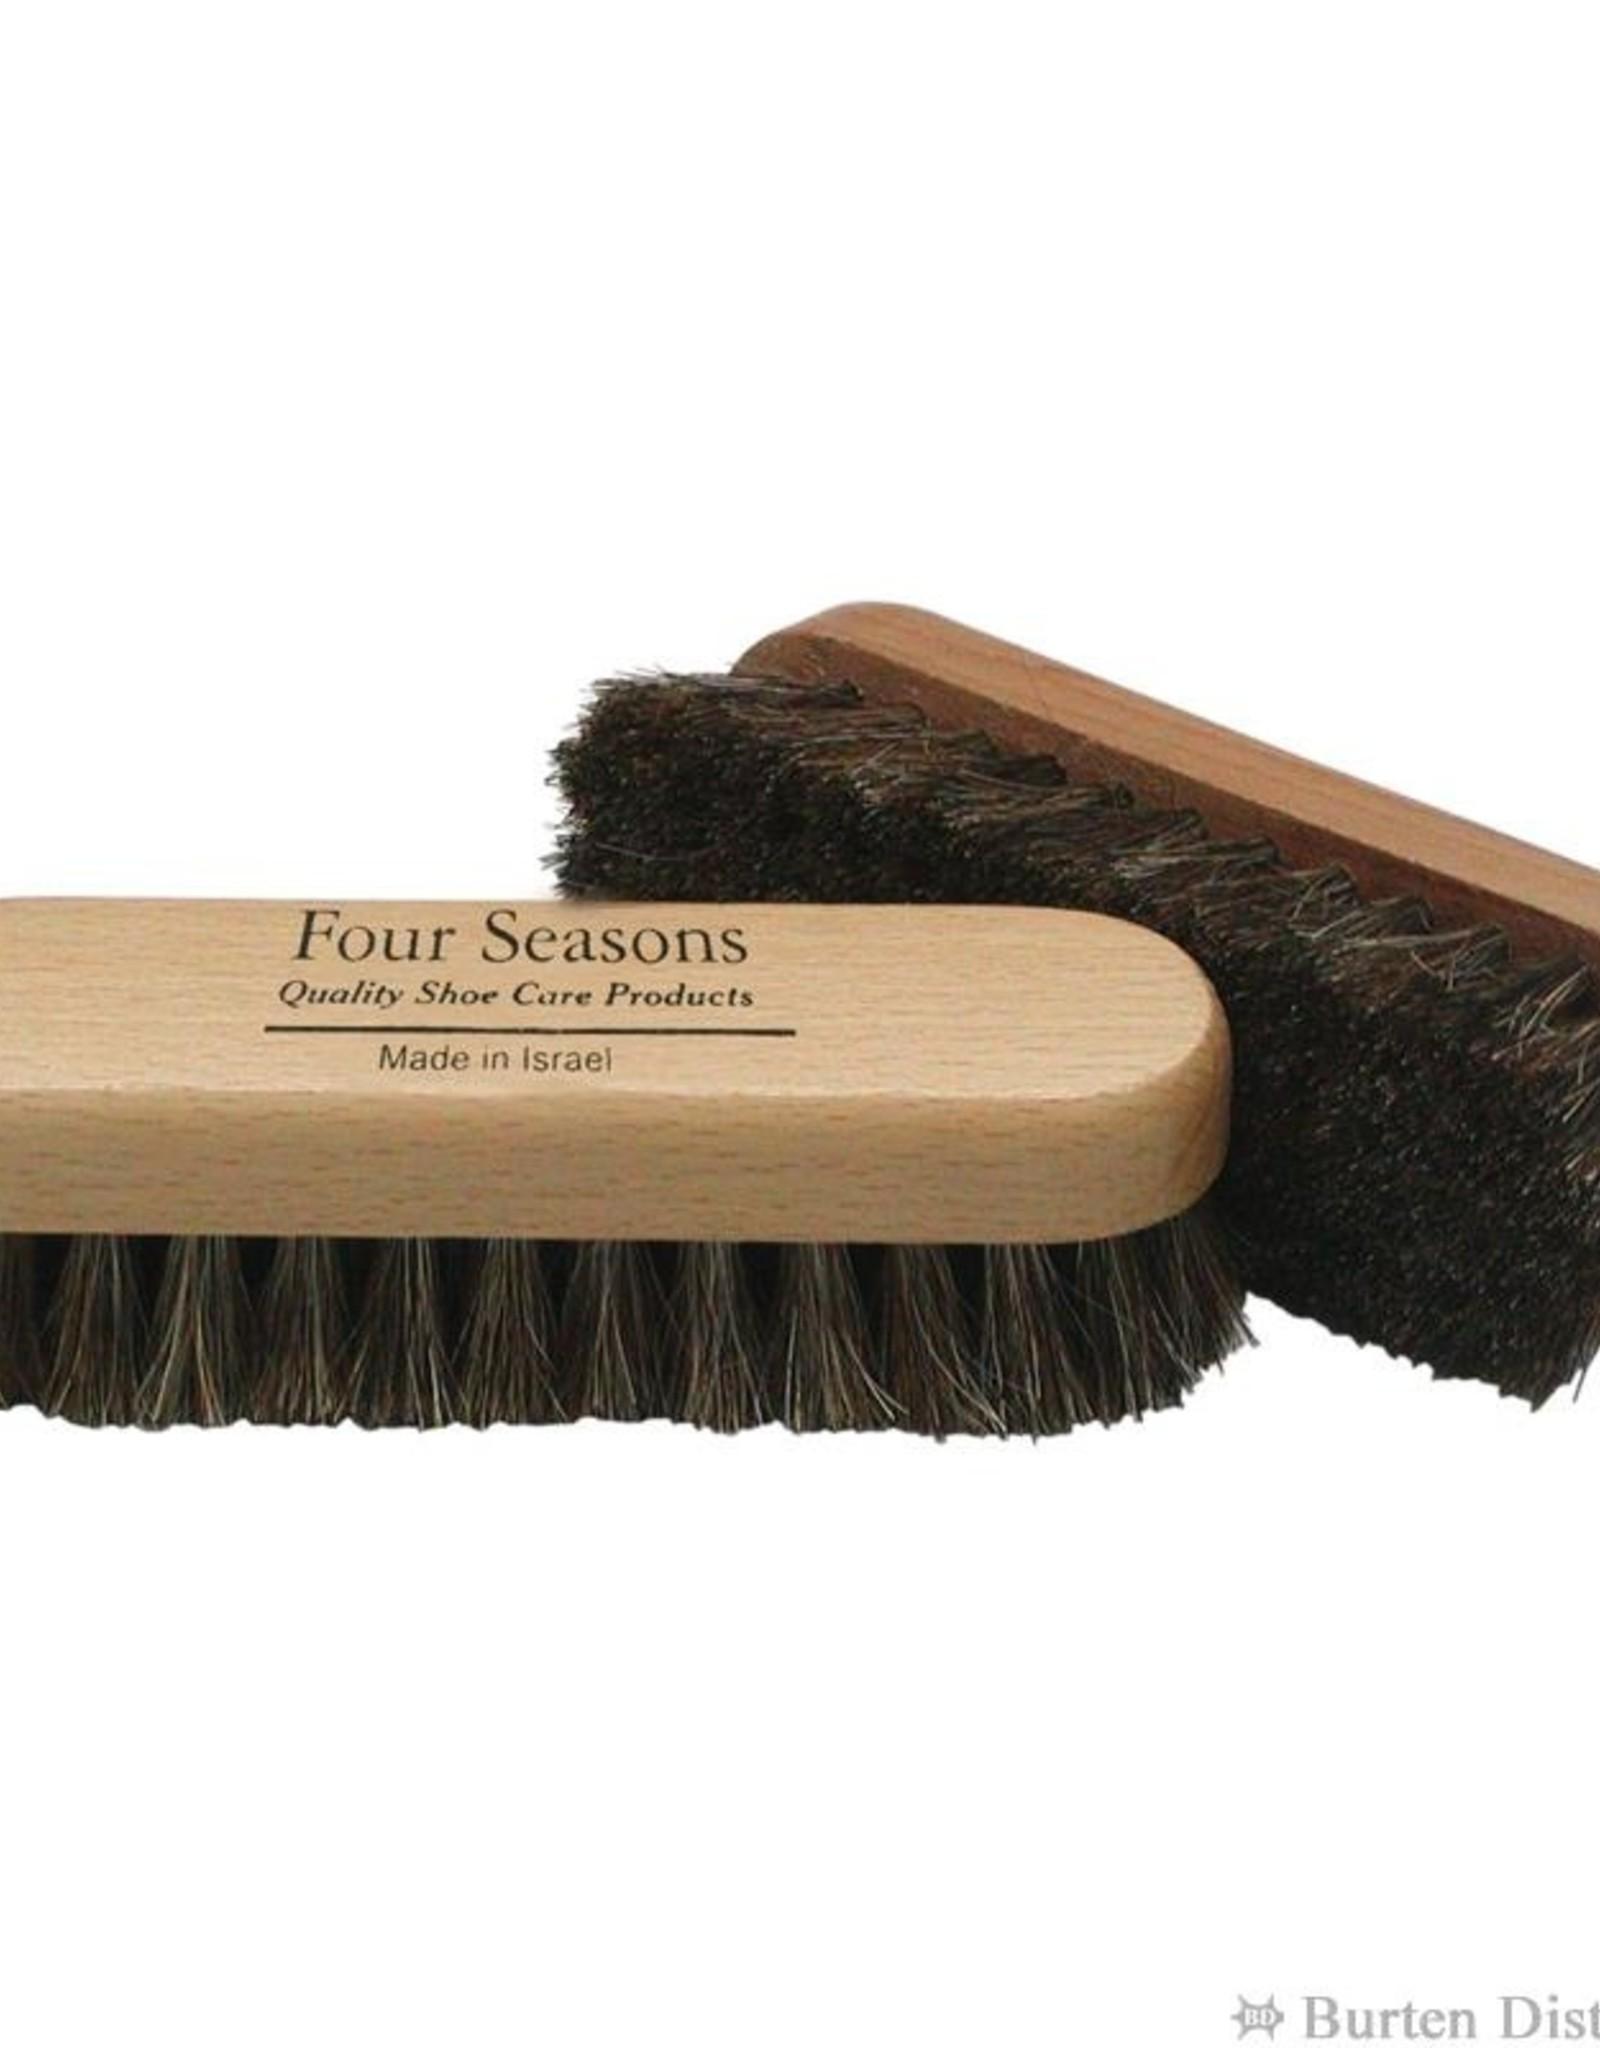 Four Seasons Mini Boot Polishing Brush